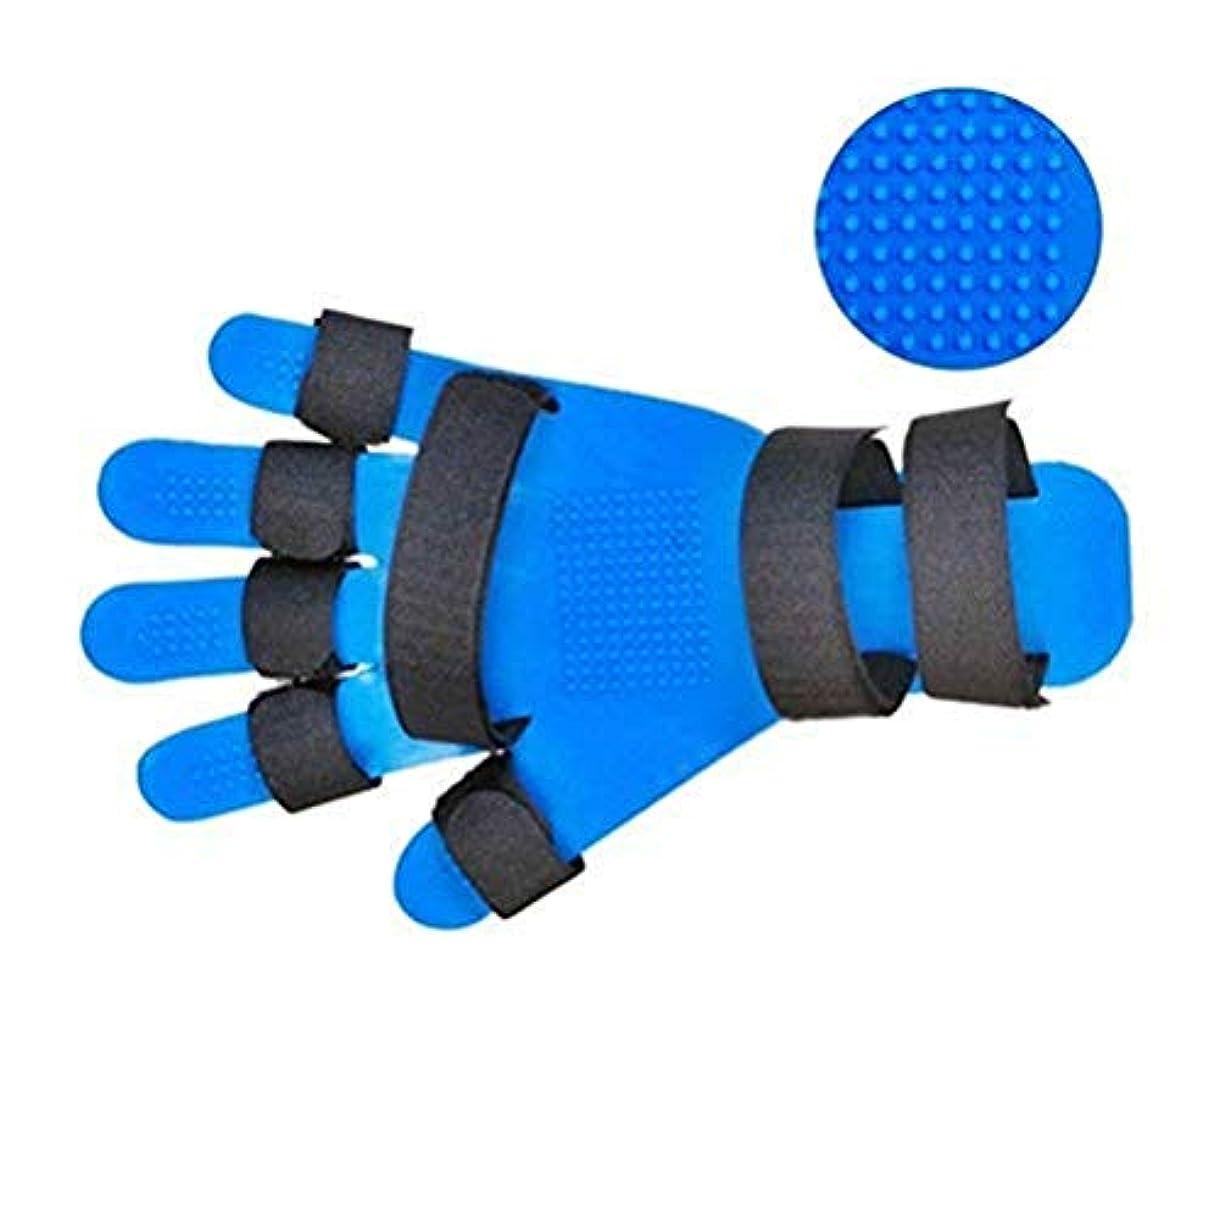 リフトポーン超音速フィンガースプリントフィンガー拡張スプリント、指の骨折、傷、手首のトレーニング装具のために指セパレーターインソール